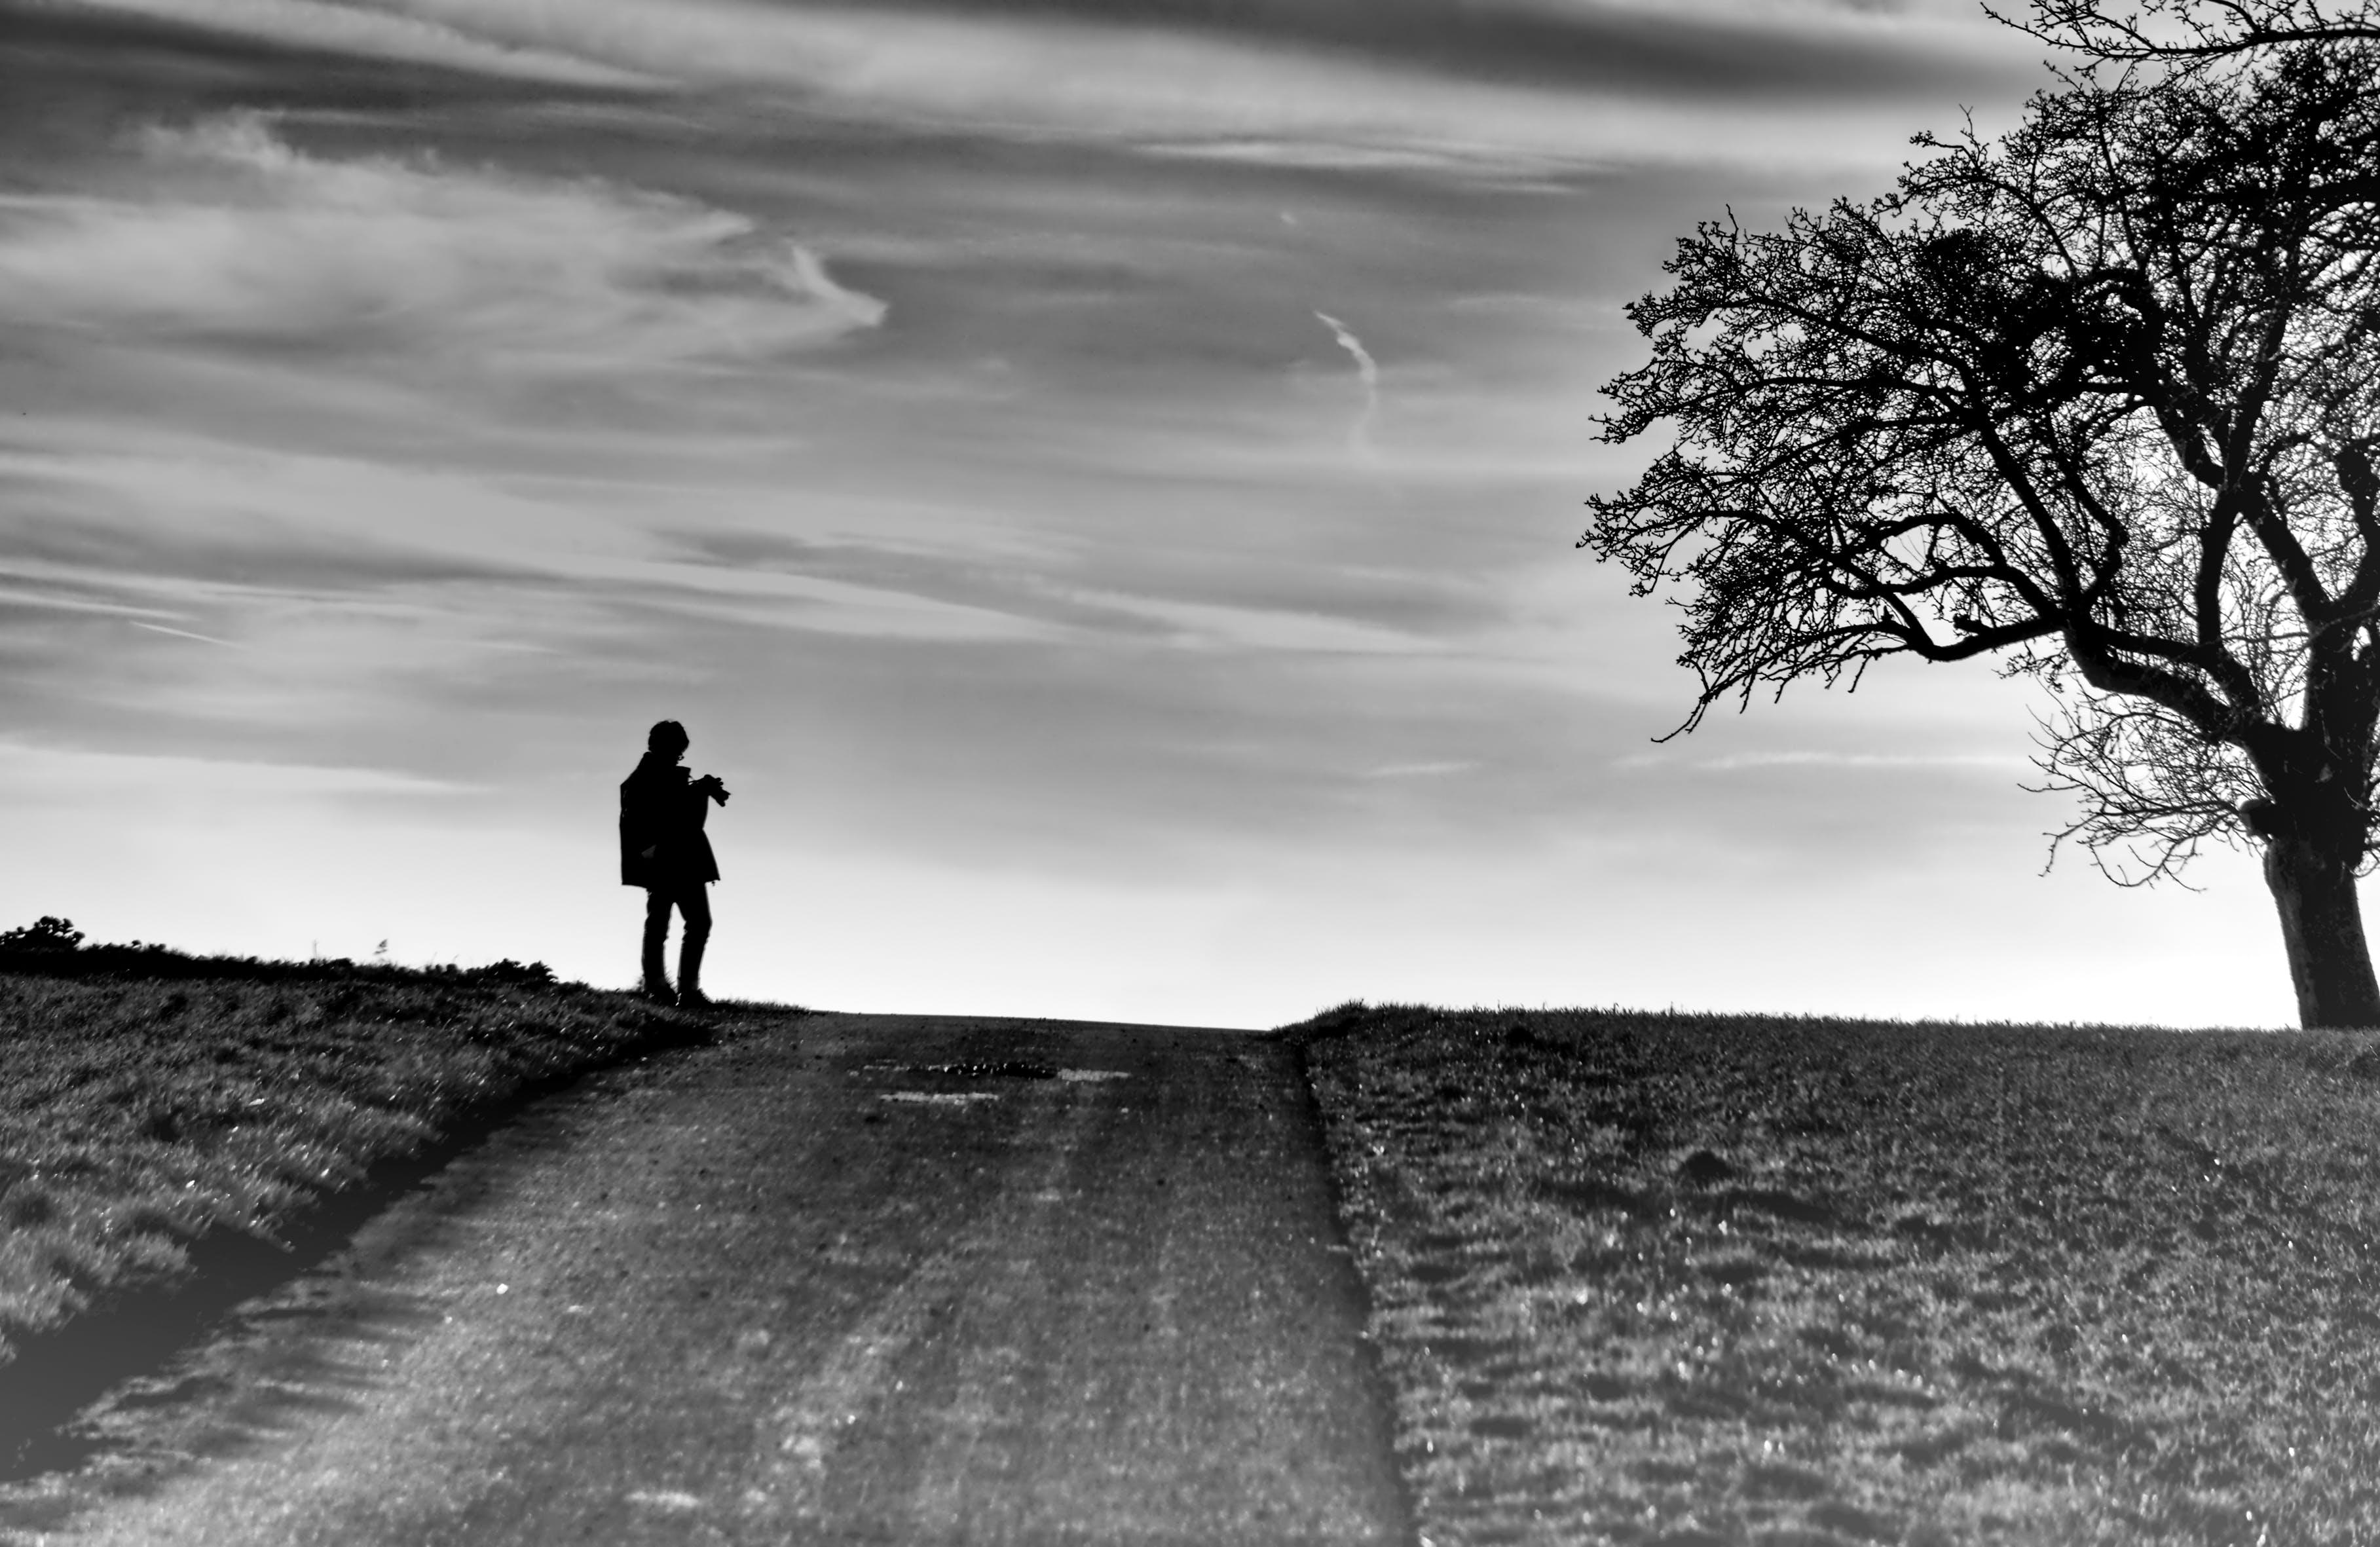 Δωρεάν στοκ φωτογραφιών με ανθρώπινος, άνθρωποι που περπατούν, γυμνό δέντρο, δέντρο